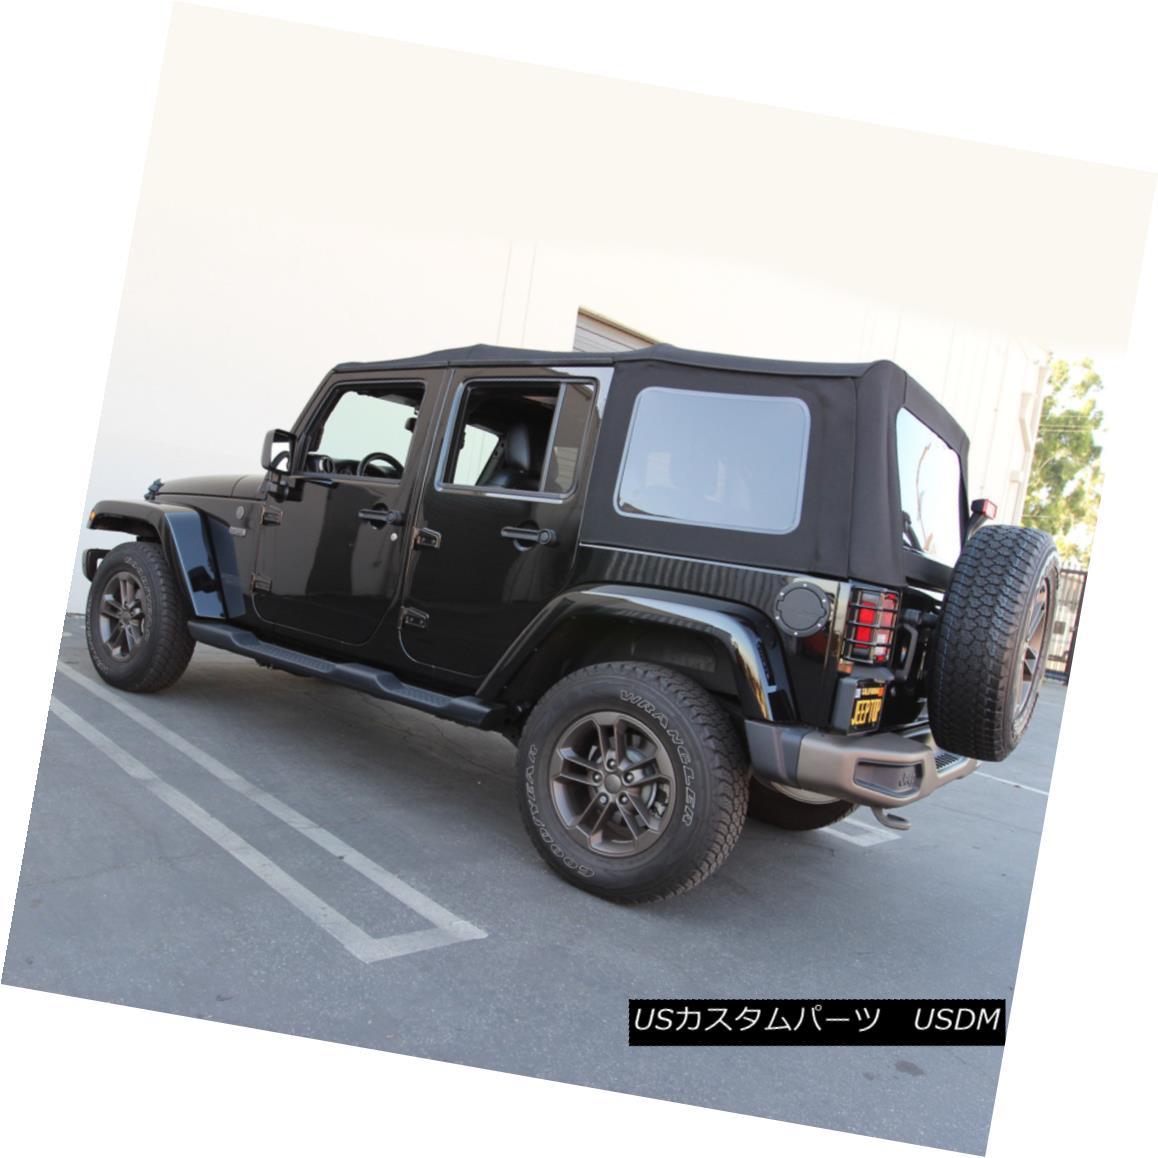 幌・ソフトトップ Jeep Wrangler 4DR JK Soft Top, 2010-17, Press Polish Windows, Black Canvas ジープラングラー4DR JKソフトトップ、2010-17、プレスポーランドのWindows、ブラックキャンバス